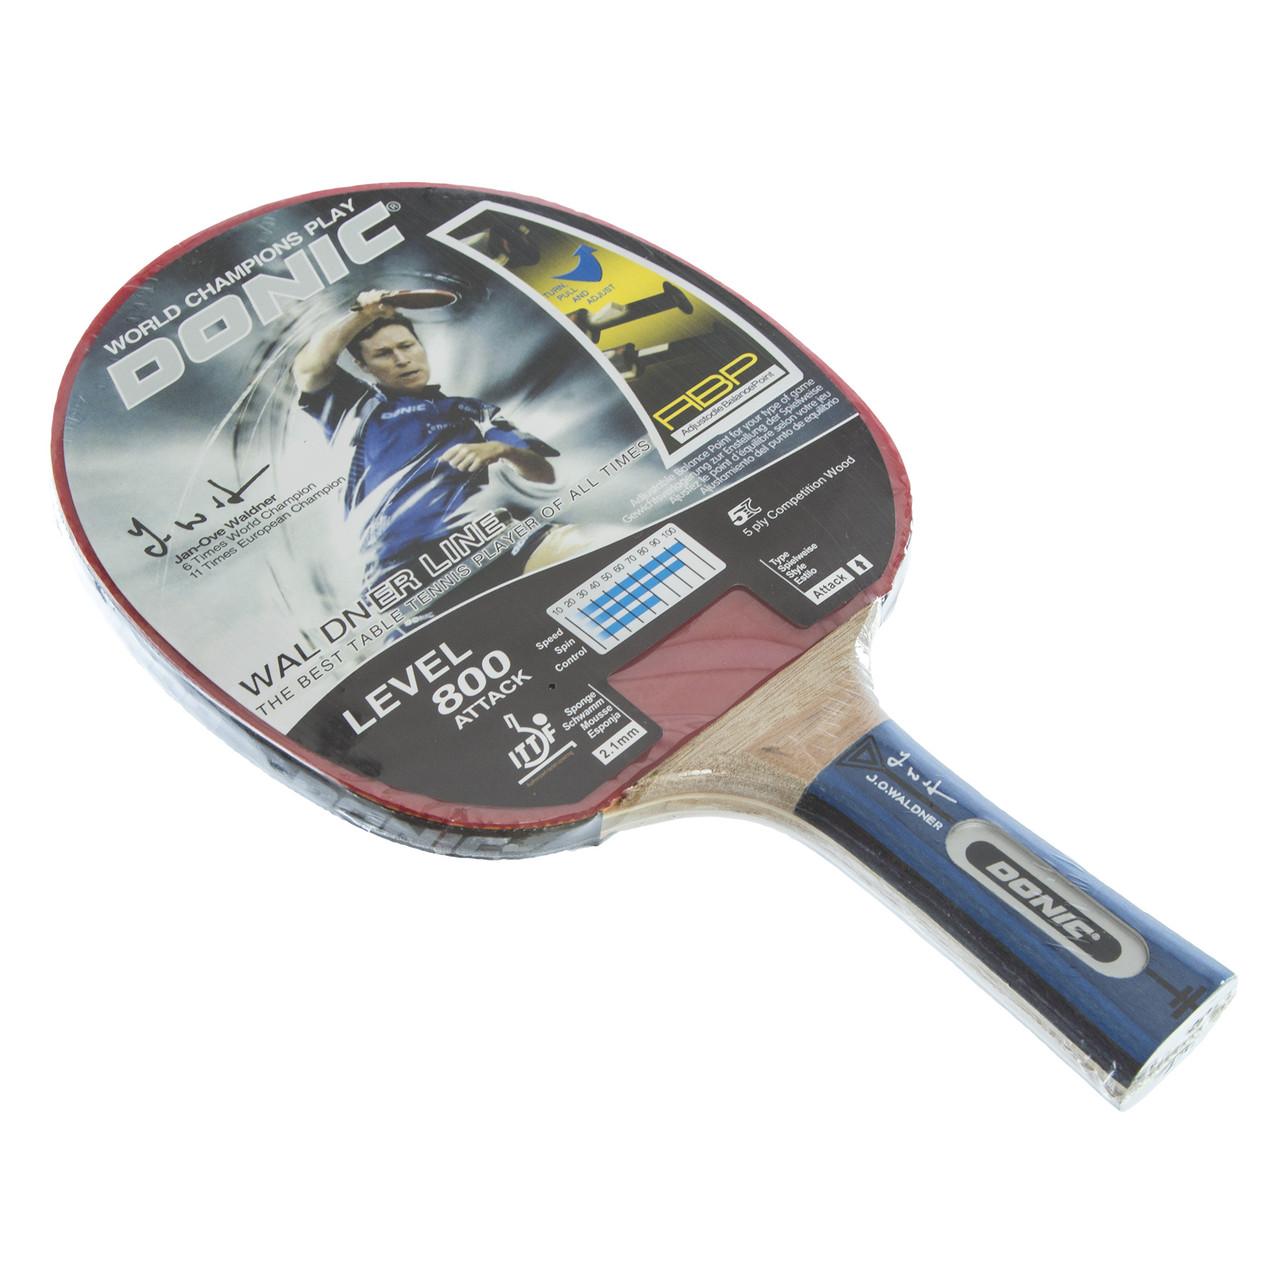 Ракетка для настольного тенниса 1 штука DNC МТ-800 754881 WALDNER LINE 800 (древесина, резина)